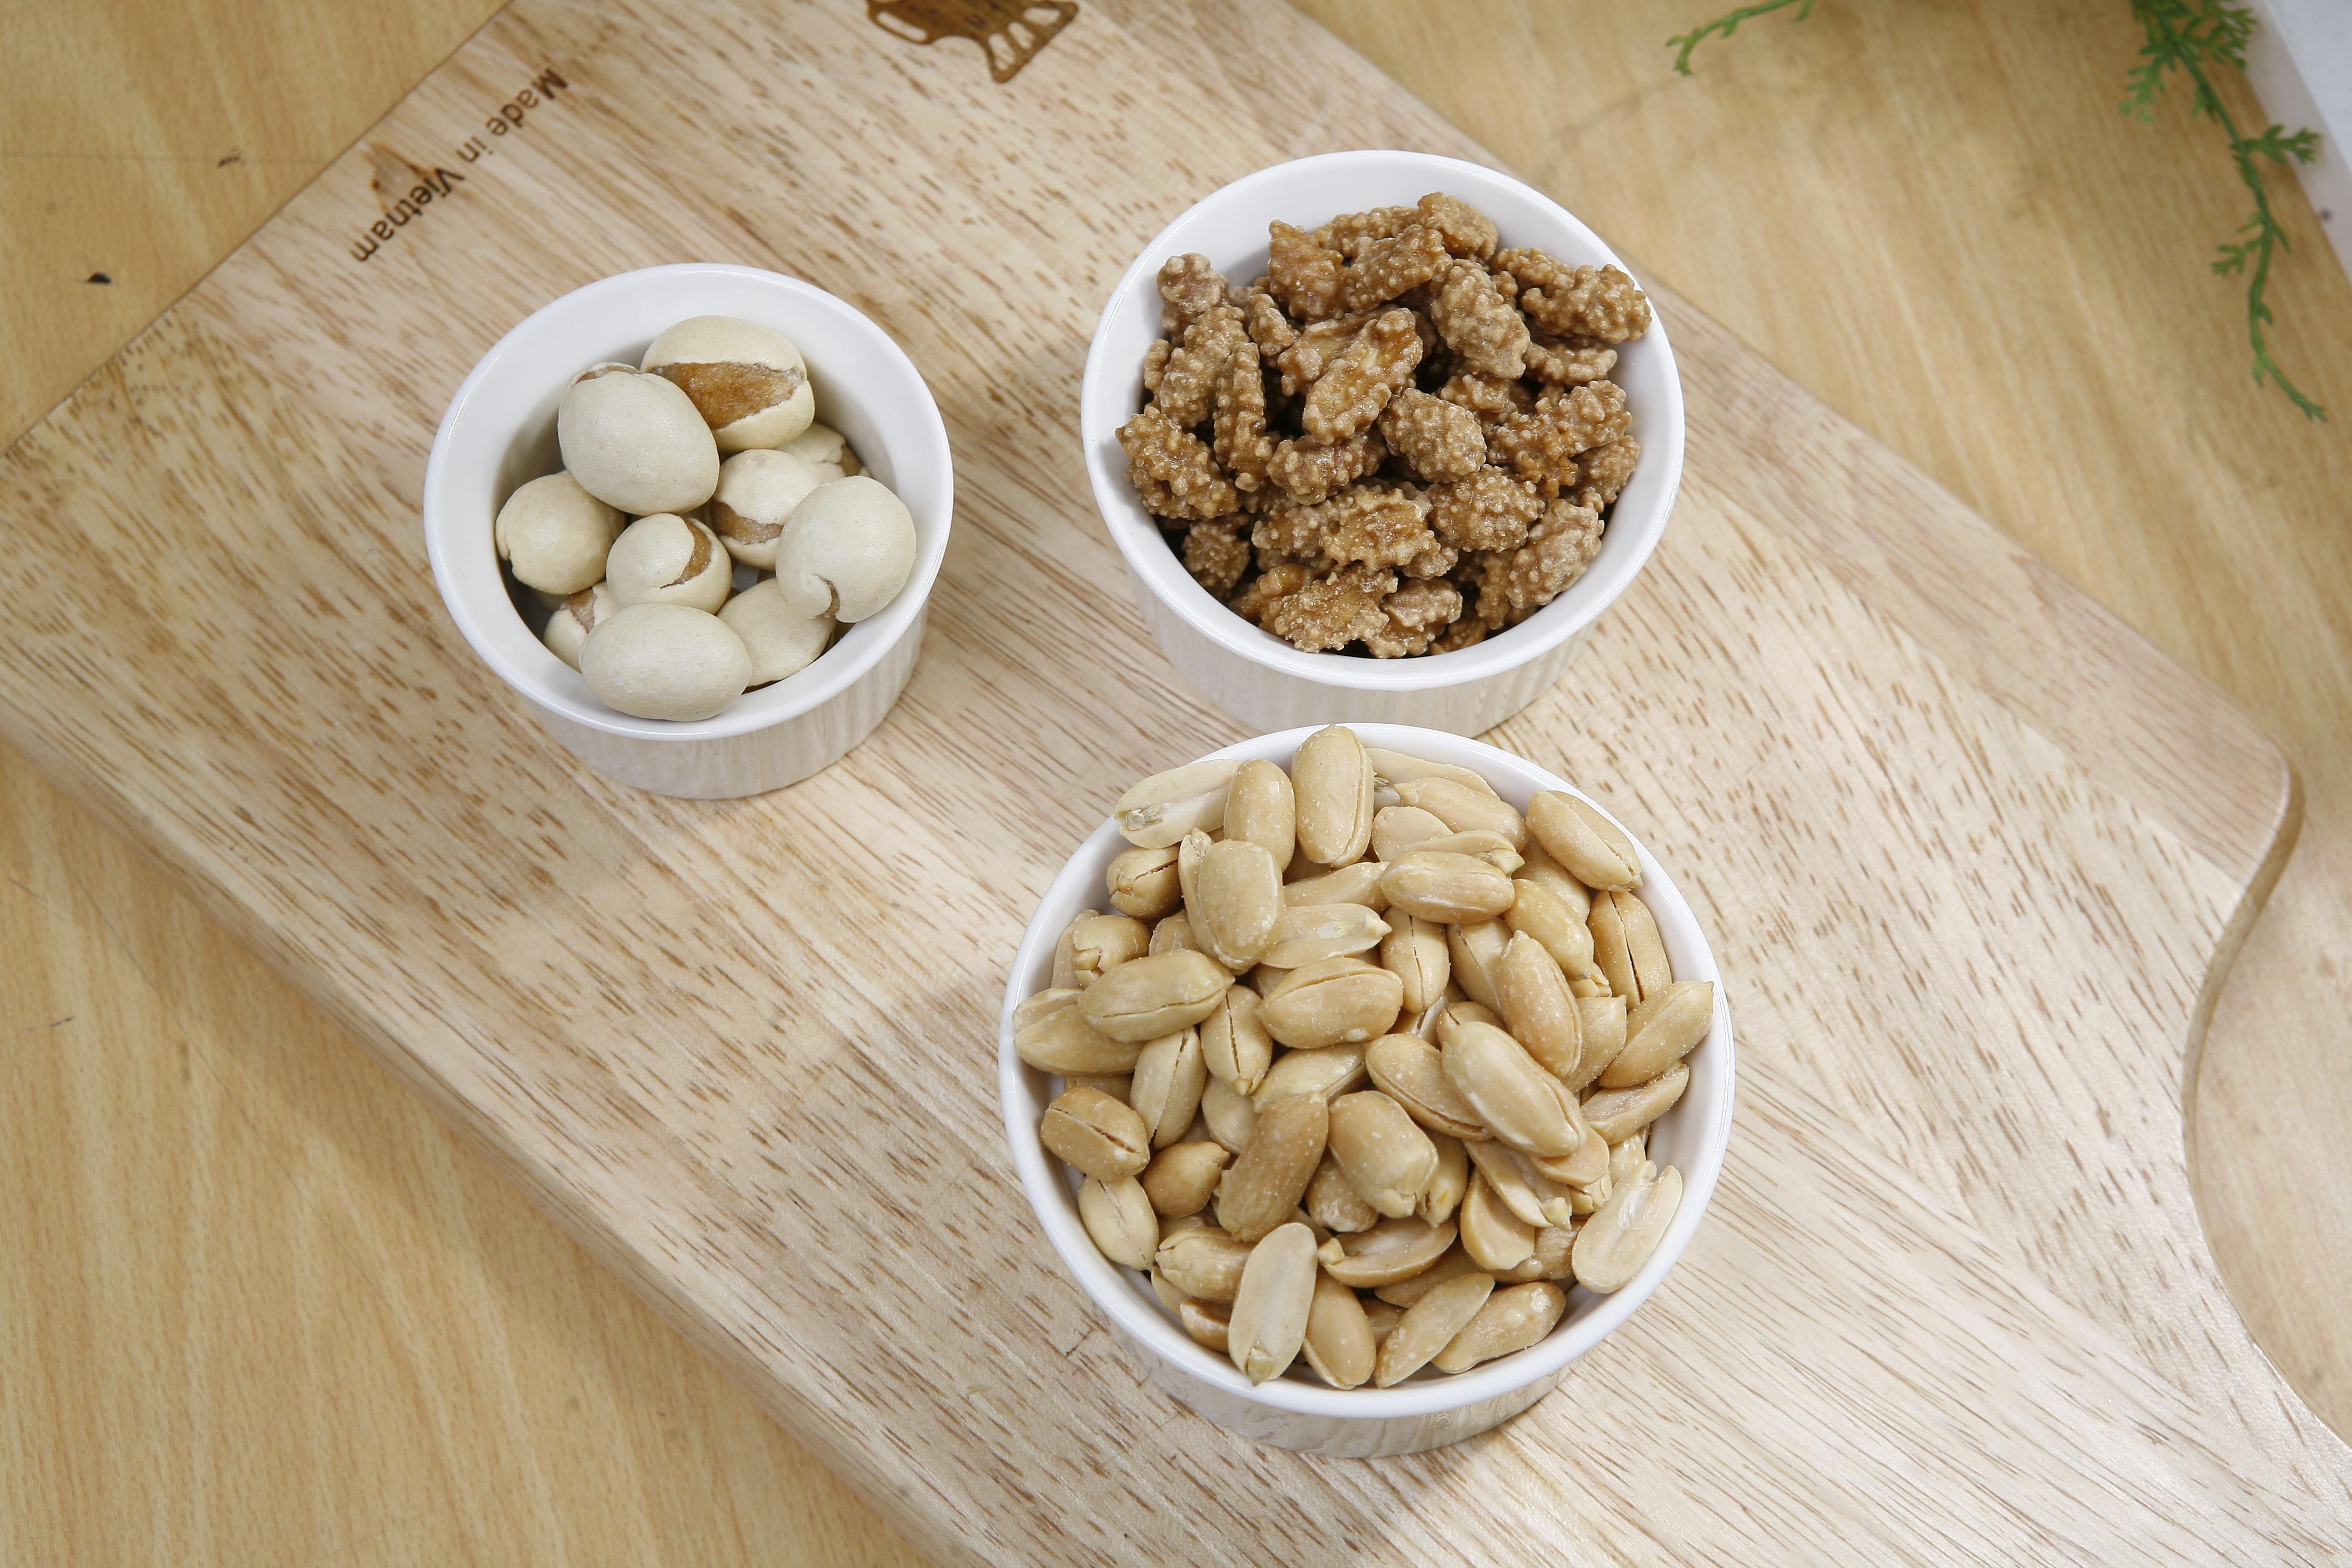 Images Gratuites : fruit, plat, repas, aliments, produire, écrou, déjeuner, cuisine, la ...